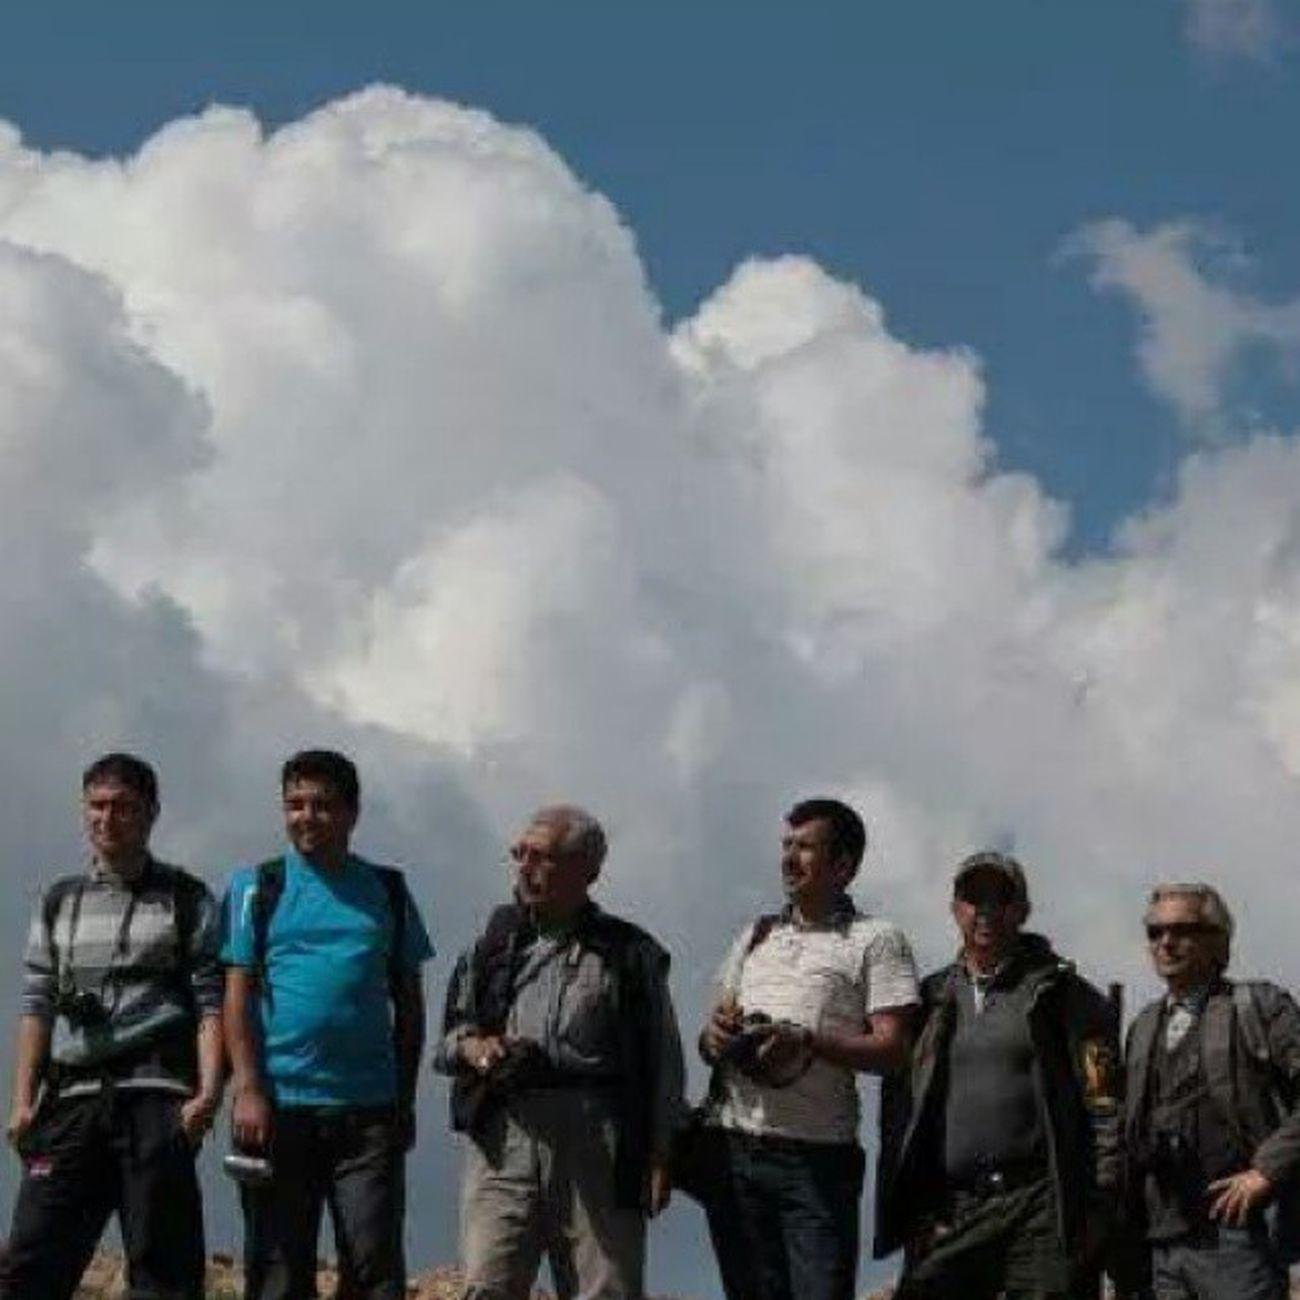 Dostlar olmalı hep aynı yöne bakmalı, ortak noktalarda buluşmalı ve ☁ bulutlar kadar yükseklerde gezmeli. Yakupcetincom Toroslar Bulutlar Dostlar comeseekonya comeseeturkey Konya konyagram konyainstagram